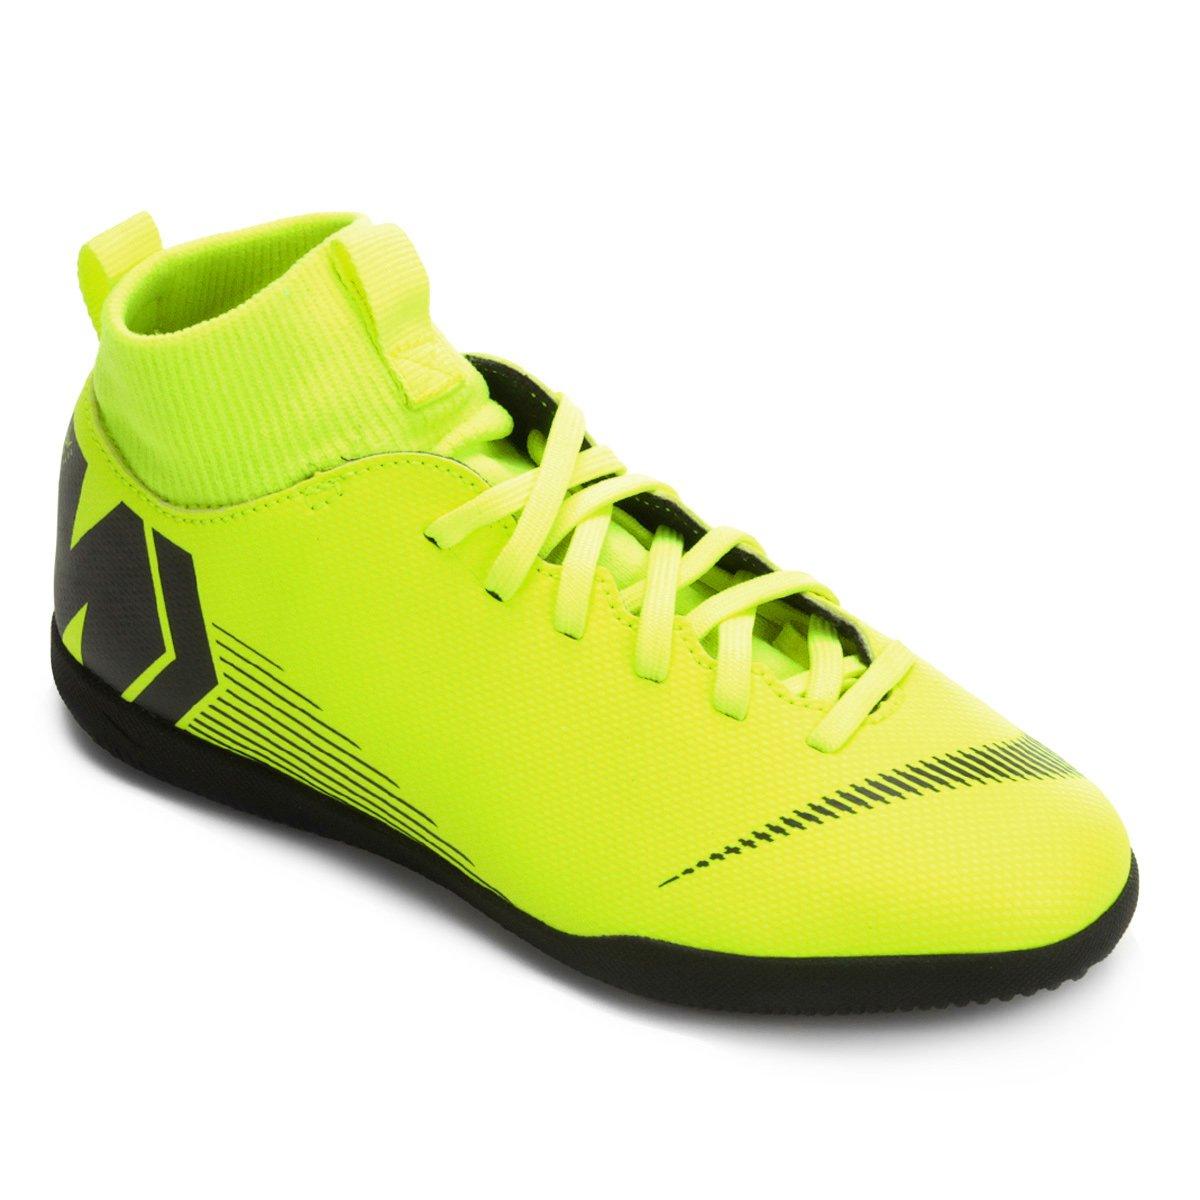 98df671baf Chuteira Futsal Infantil Nike Mercurial Superfly 6 Club - Compre ...